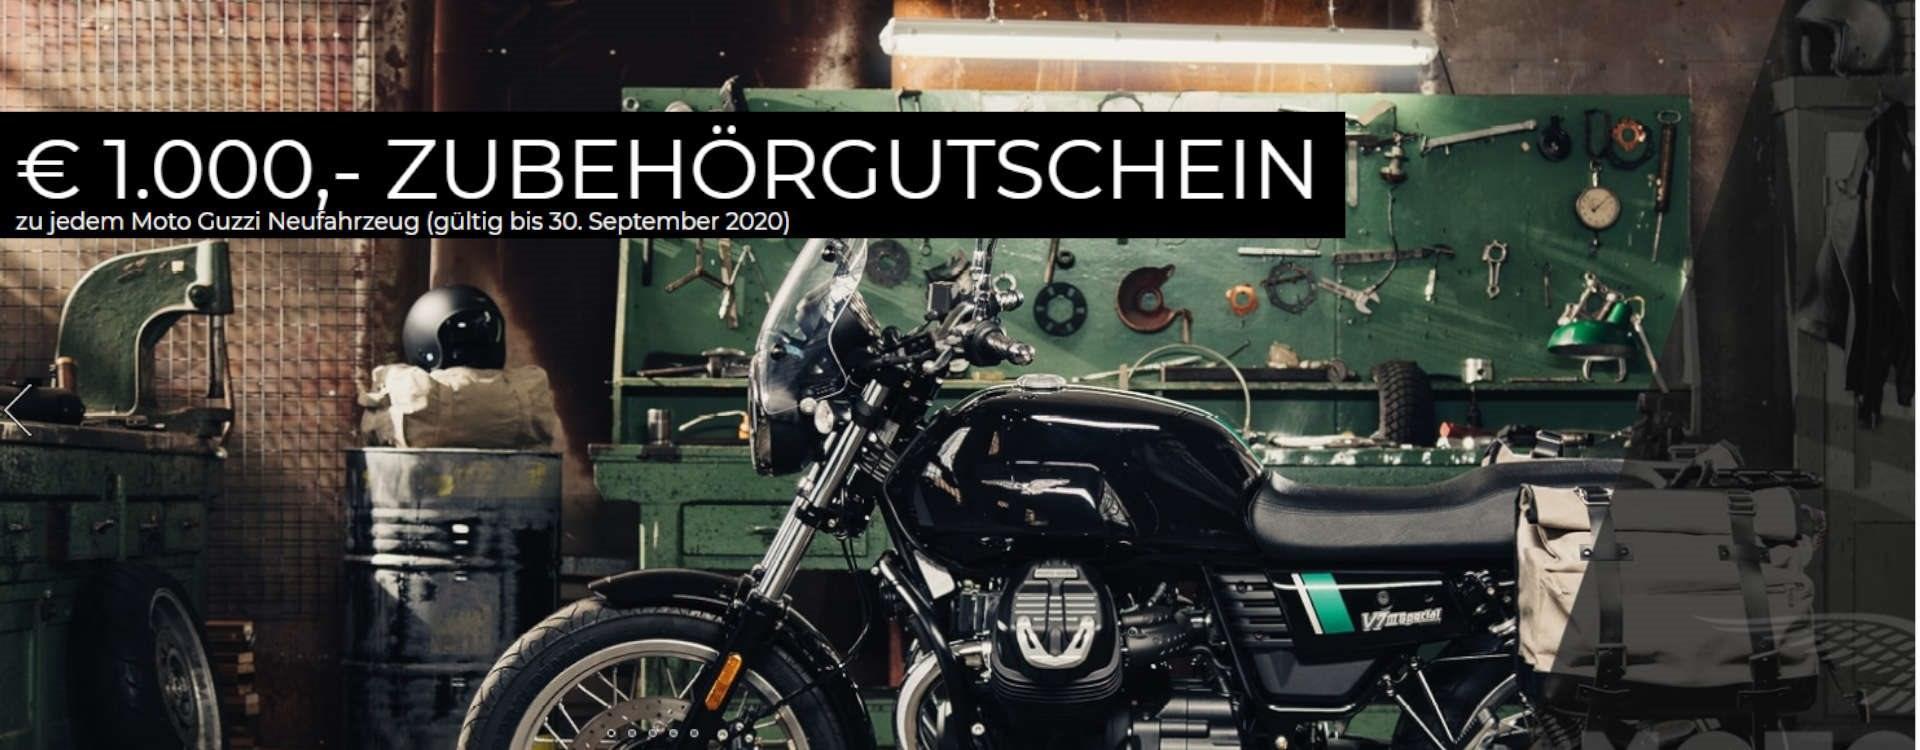 zu jedem Moto Guzzi Neufahrzeug (gültig bis 30. September 2020)